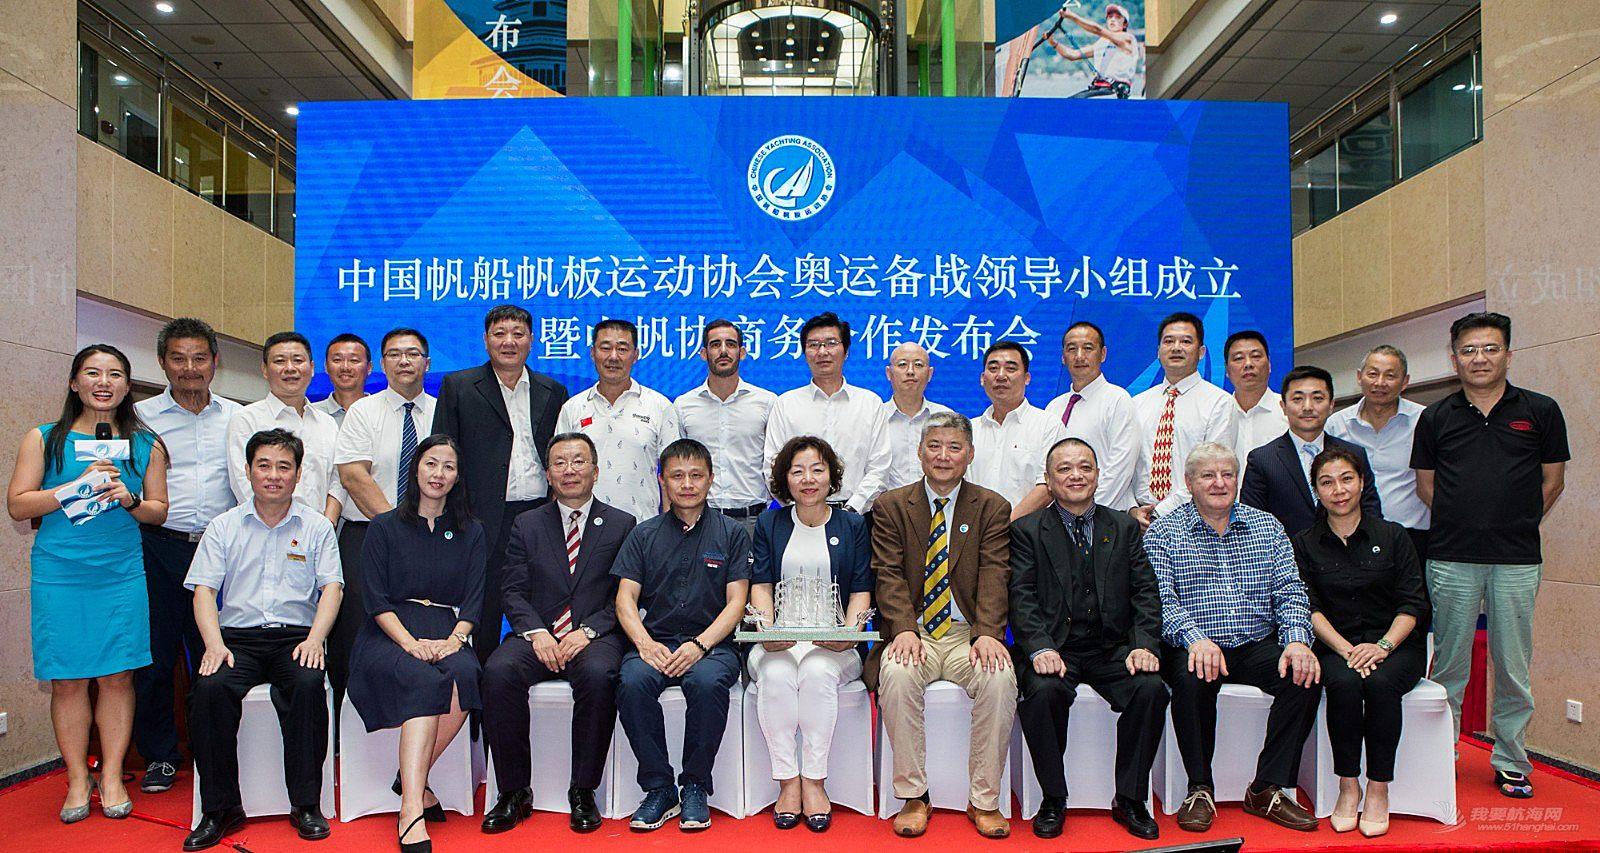 全民备战奥运模式启航,中帆协奥运备战领导小组成立,多家企业倾情助力